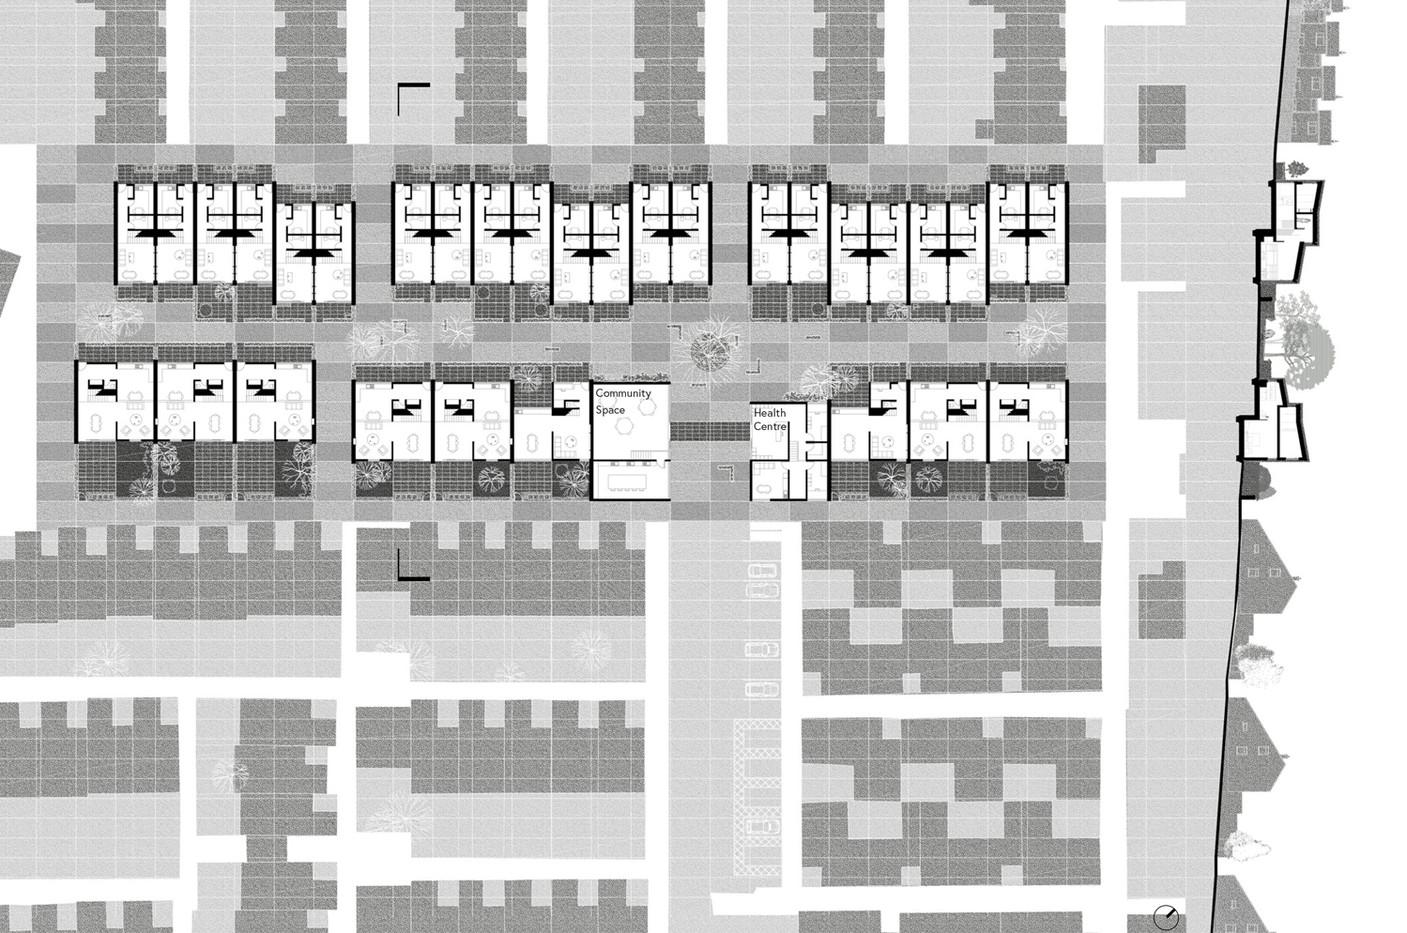 Key Plan, Cumbernauld Housing